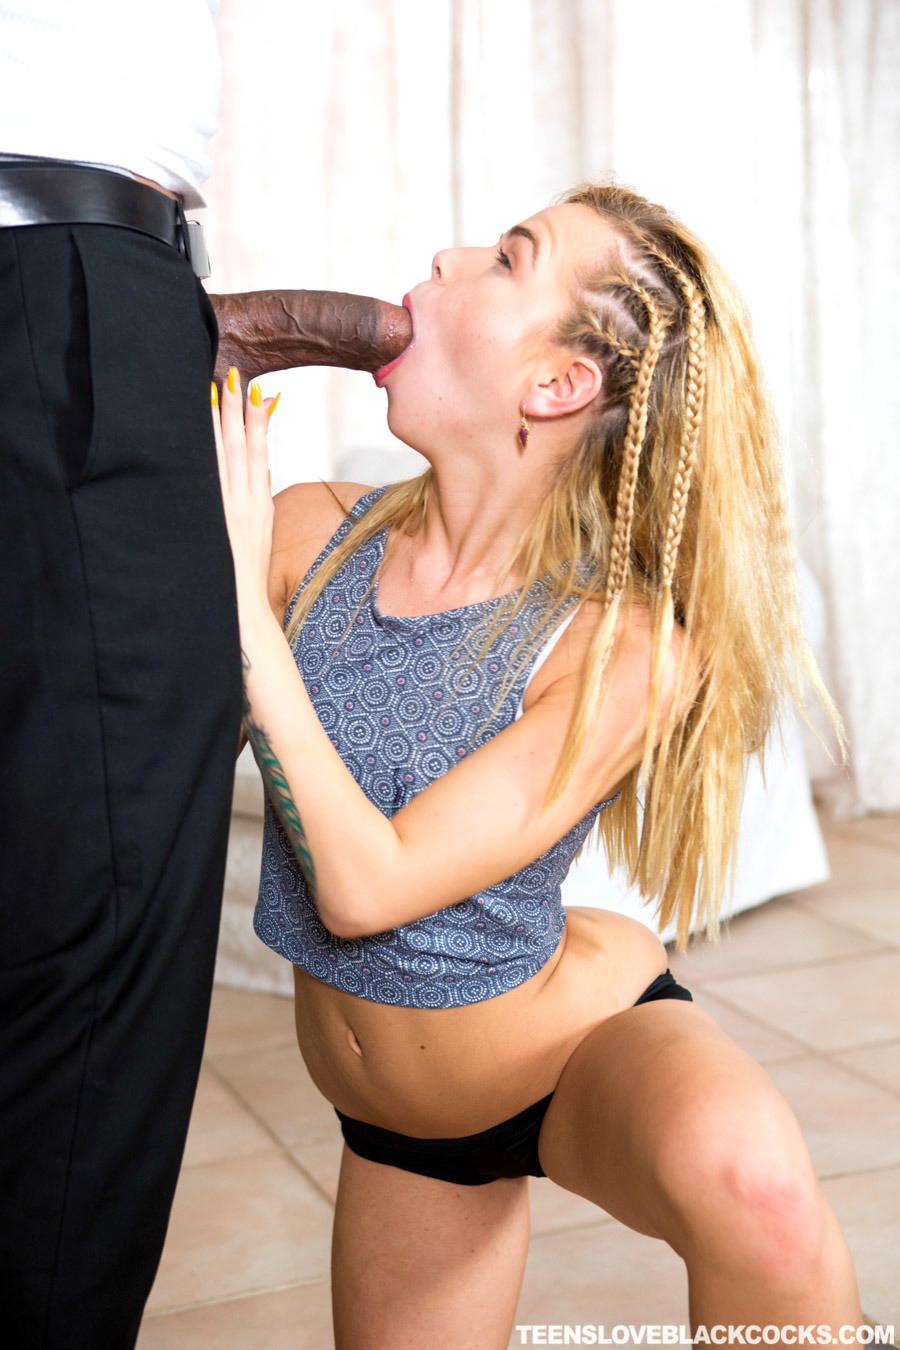 Big cock hank big gal natali - 3 part 8